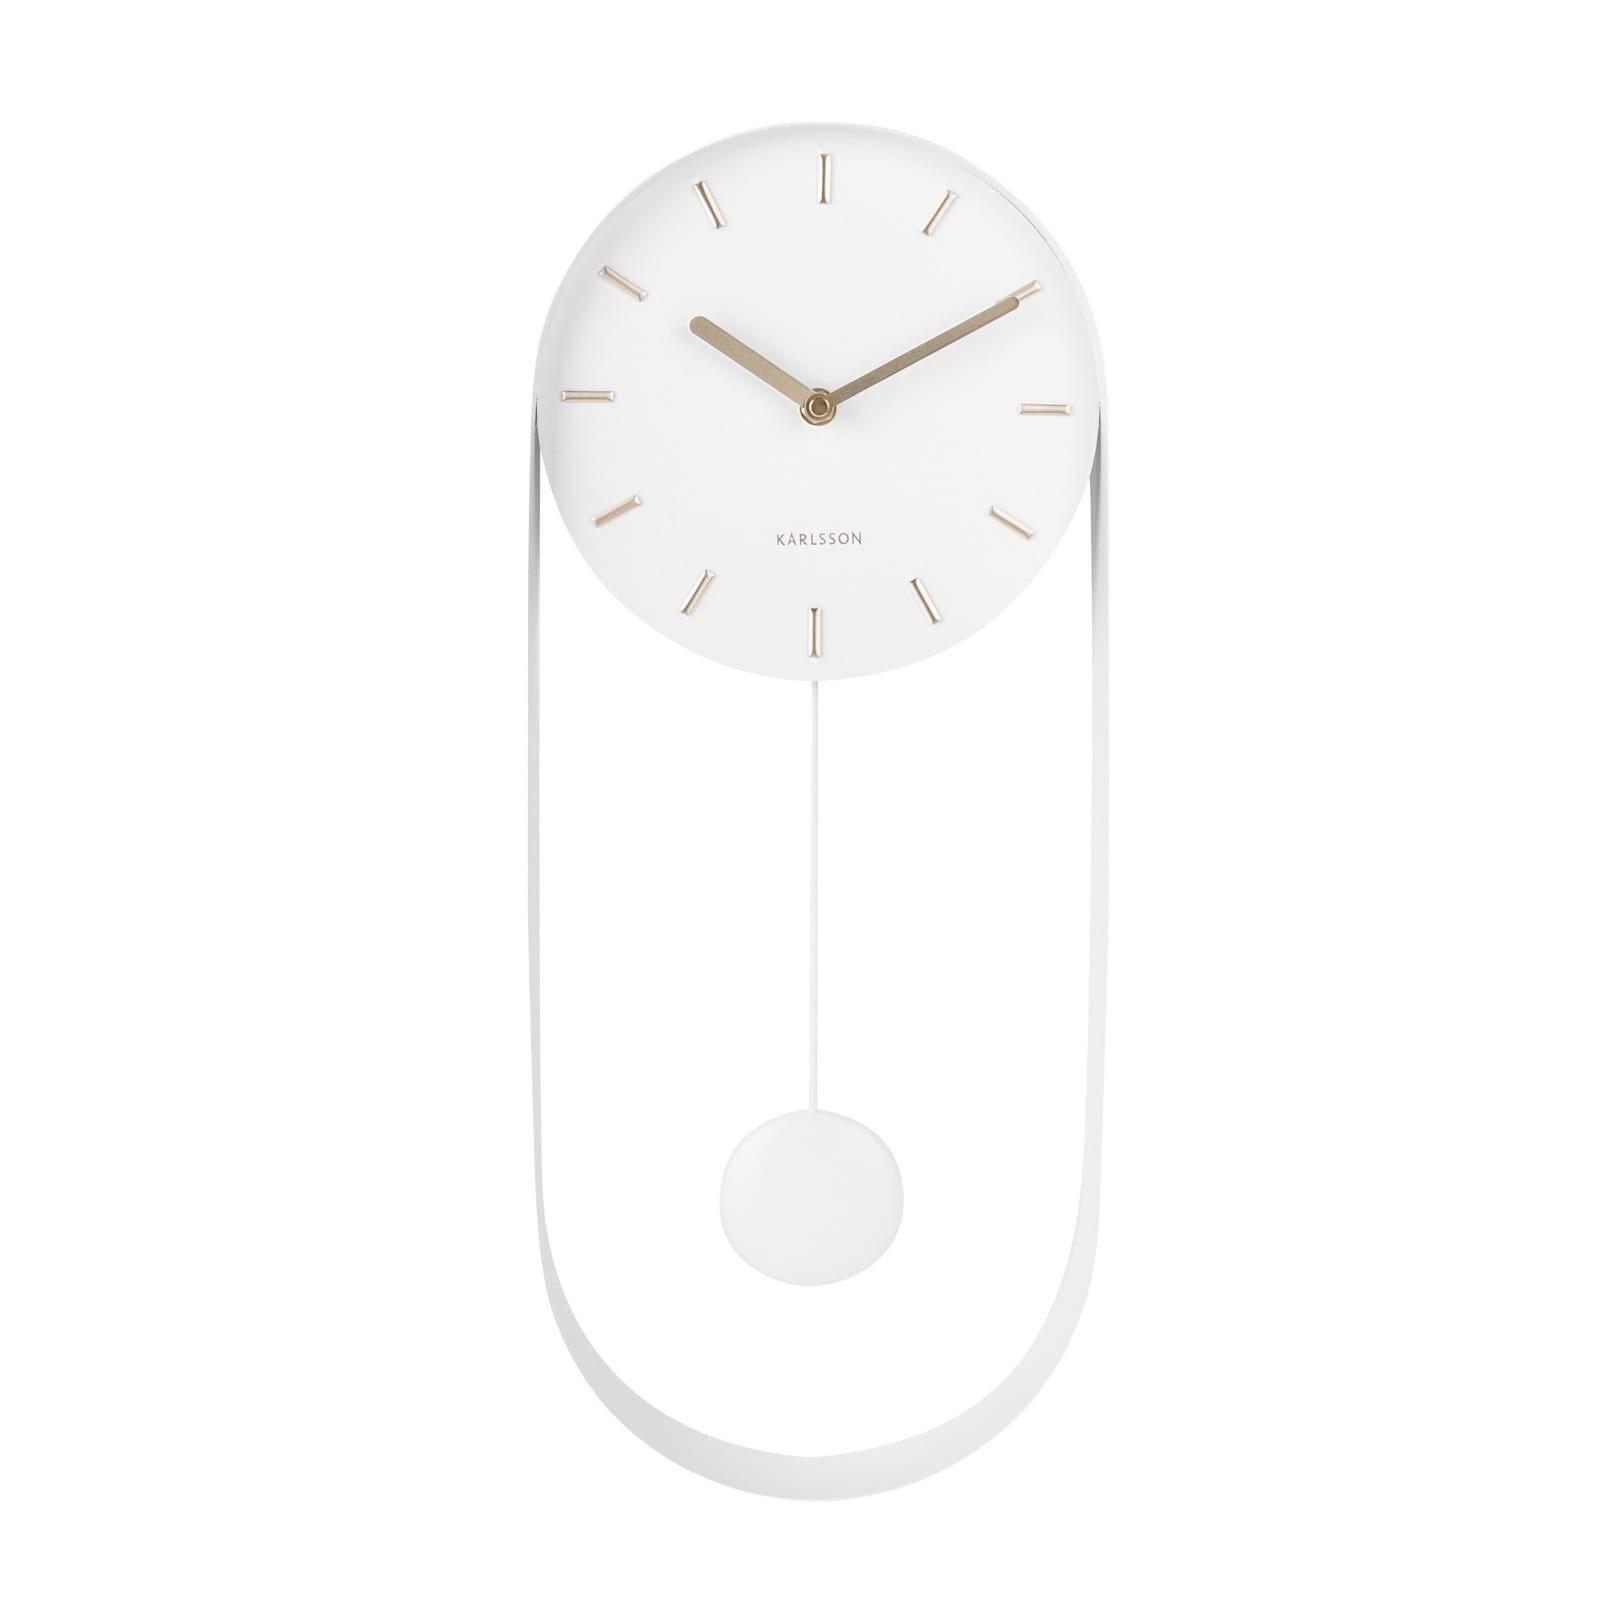 Ρολόι Τοίχου με Εκκρεμές Charm (Λευκό) - Karlsson